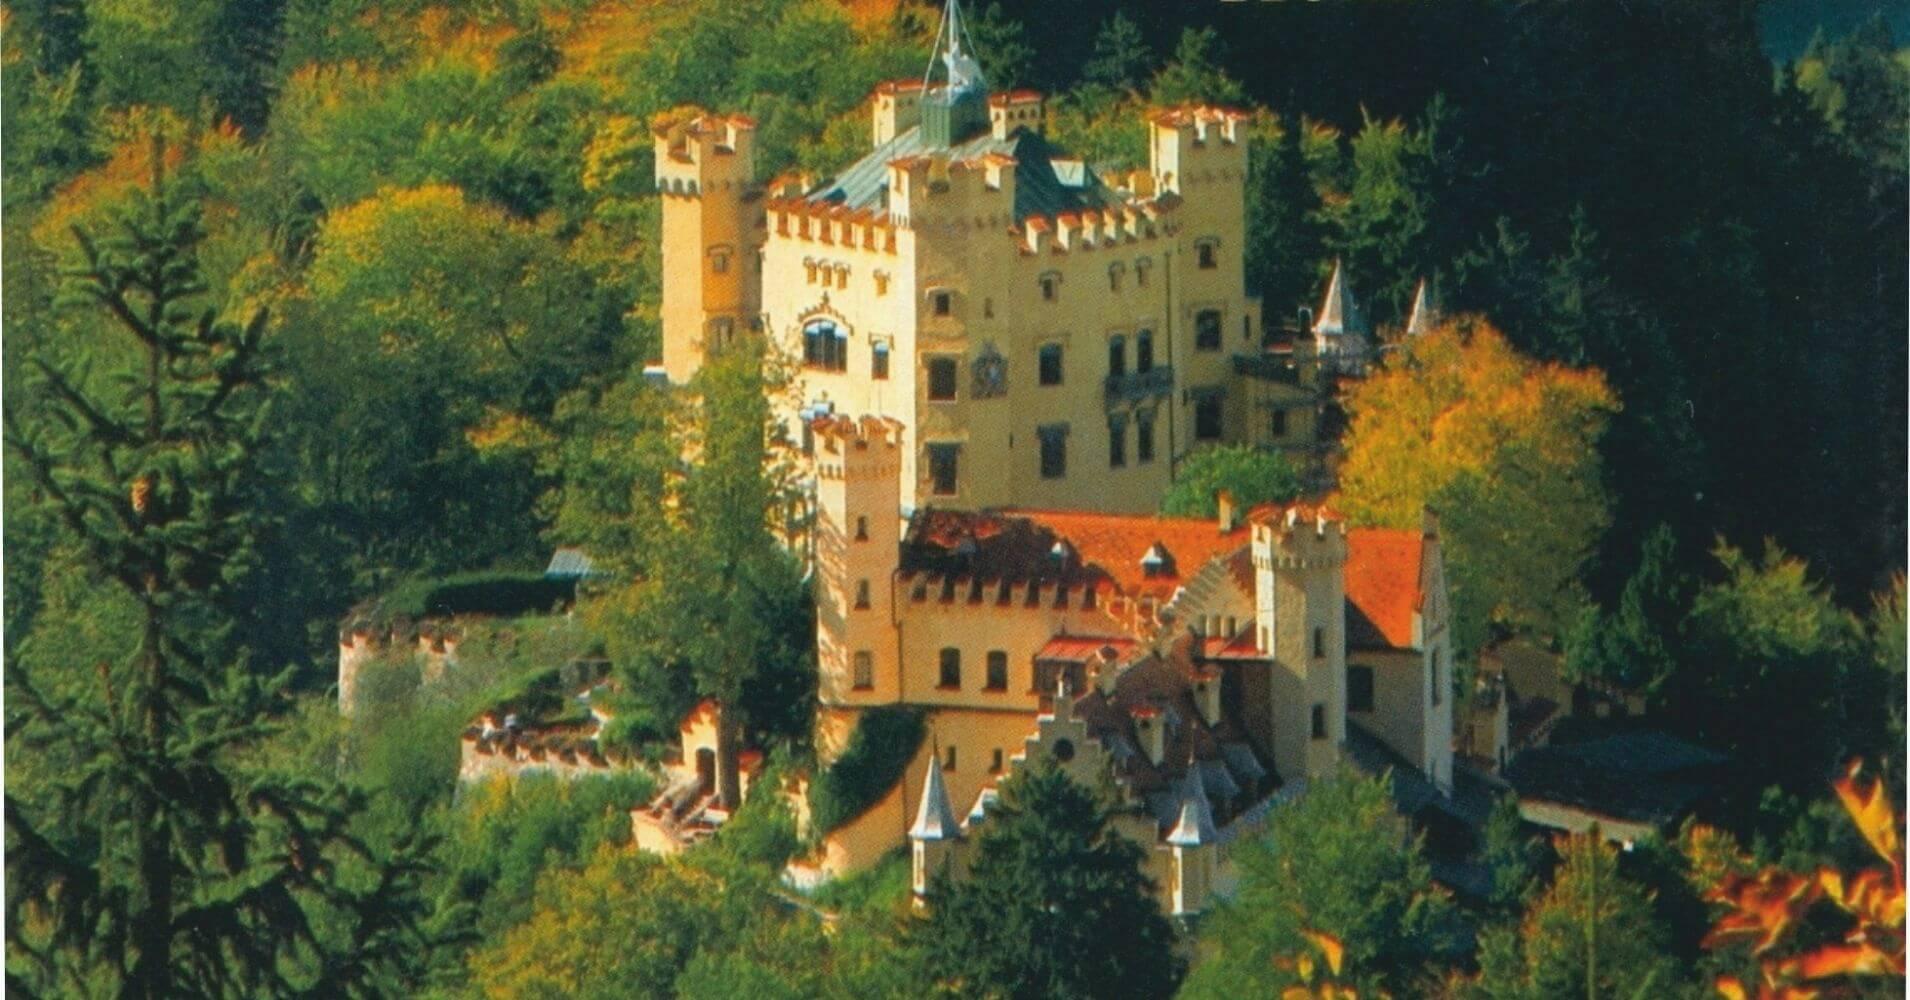 Castillo de Hohenschwangau en Baviera, Alemania.